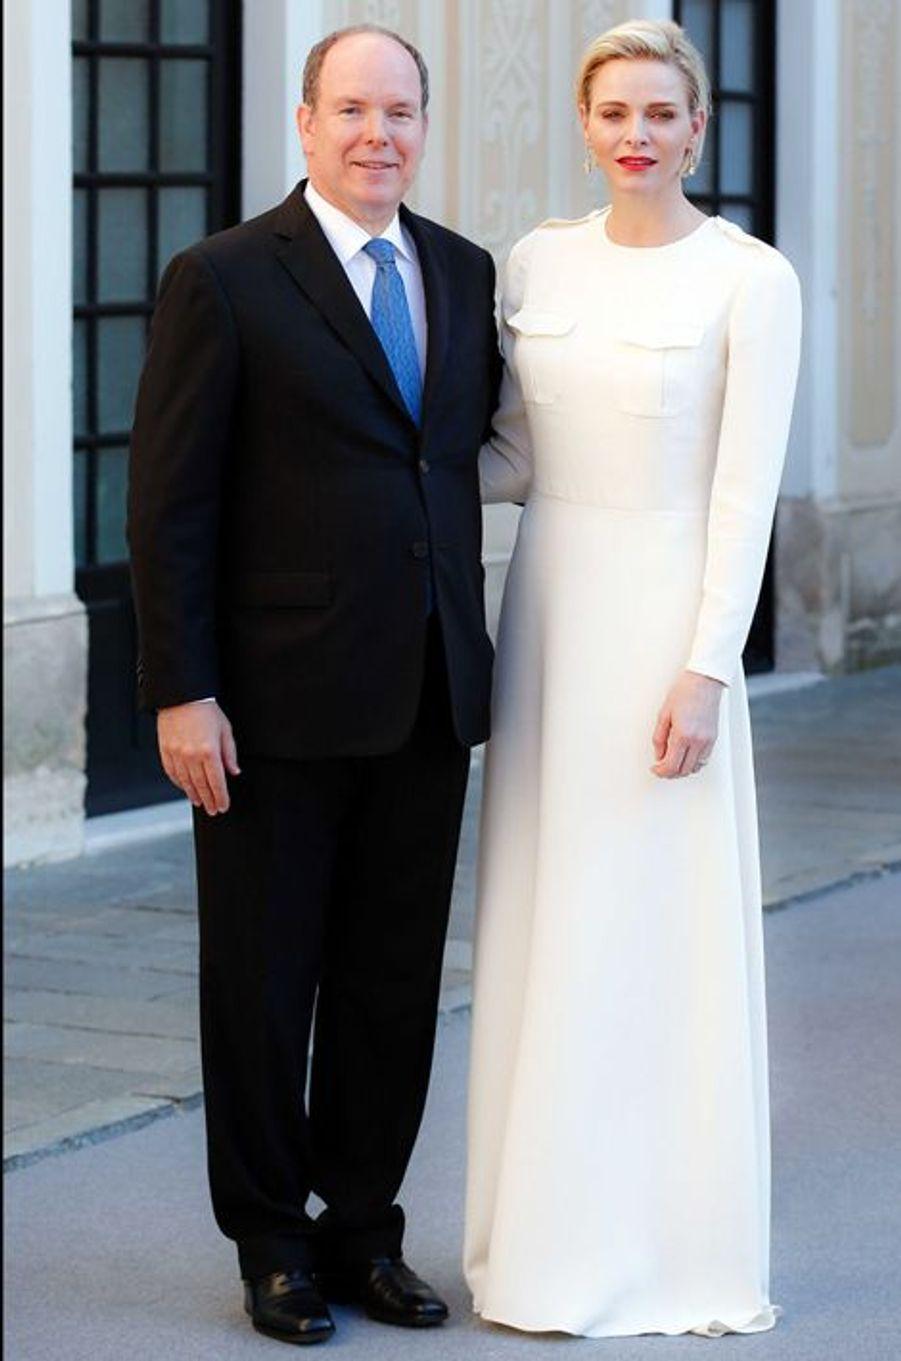 La princesse Charlène et le prince Albert II de Monaco au Palais princier à Monaco, le 17 juin 2015